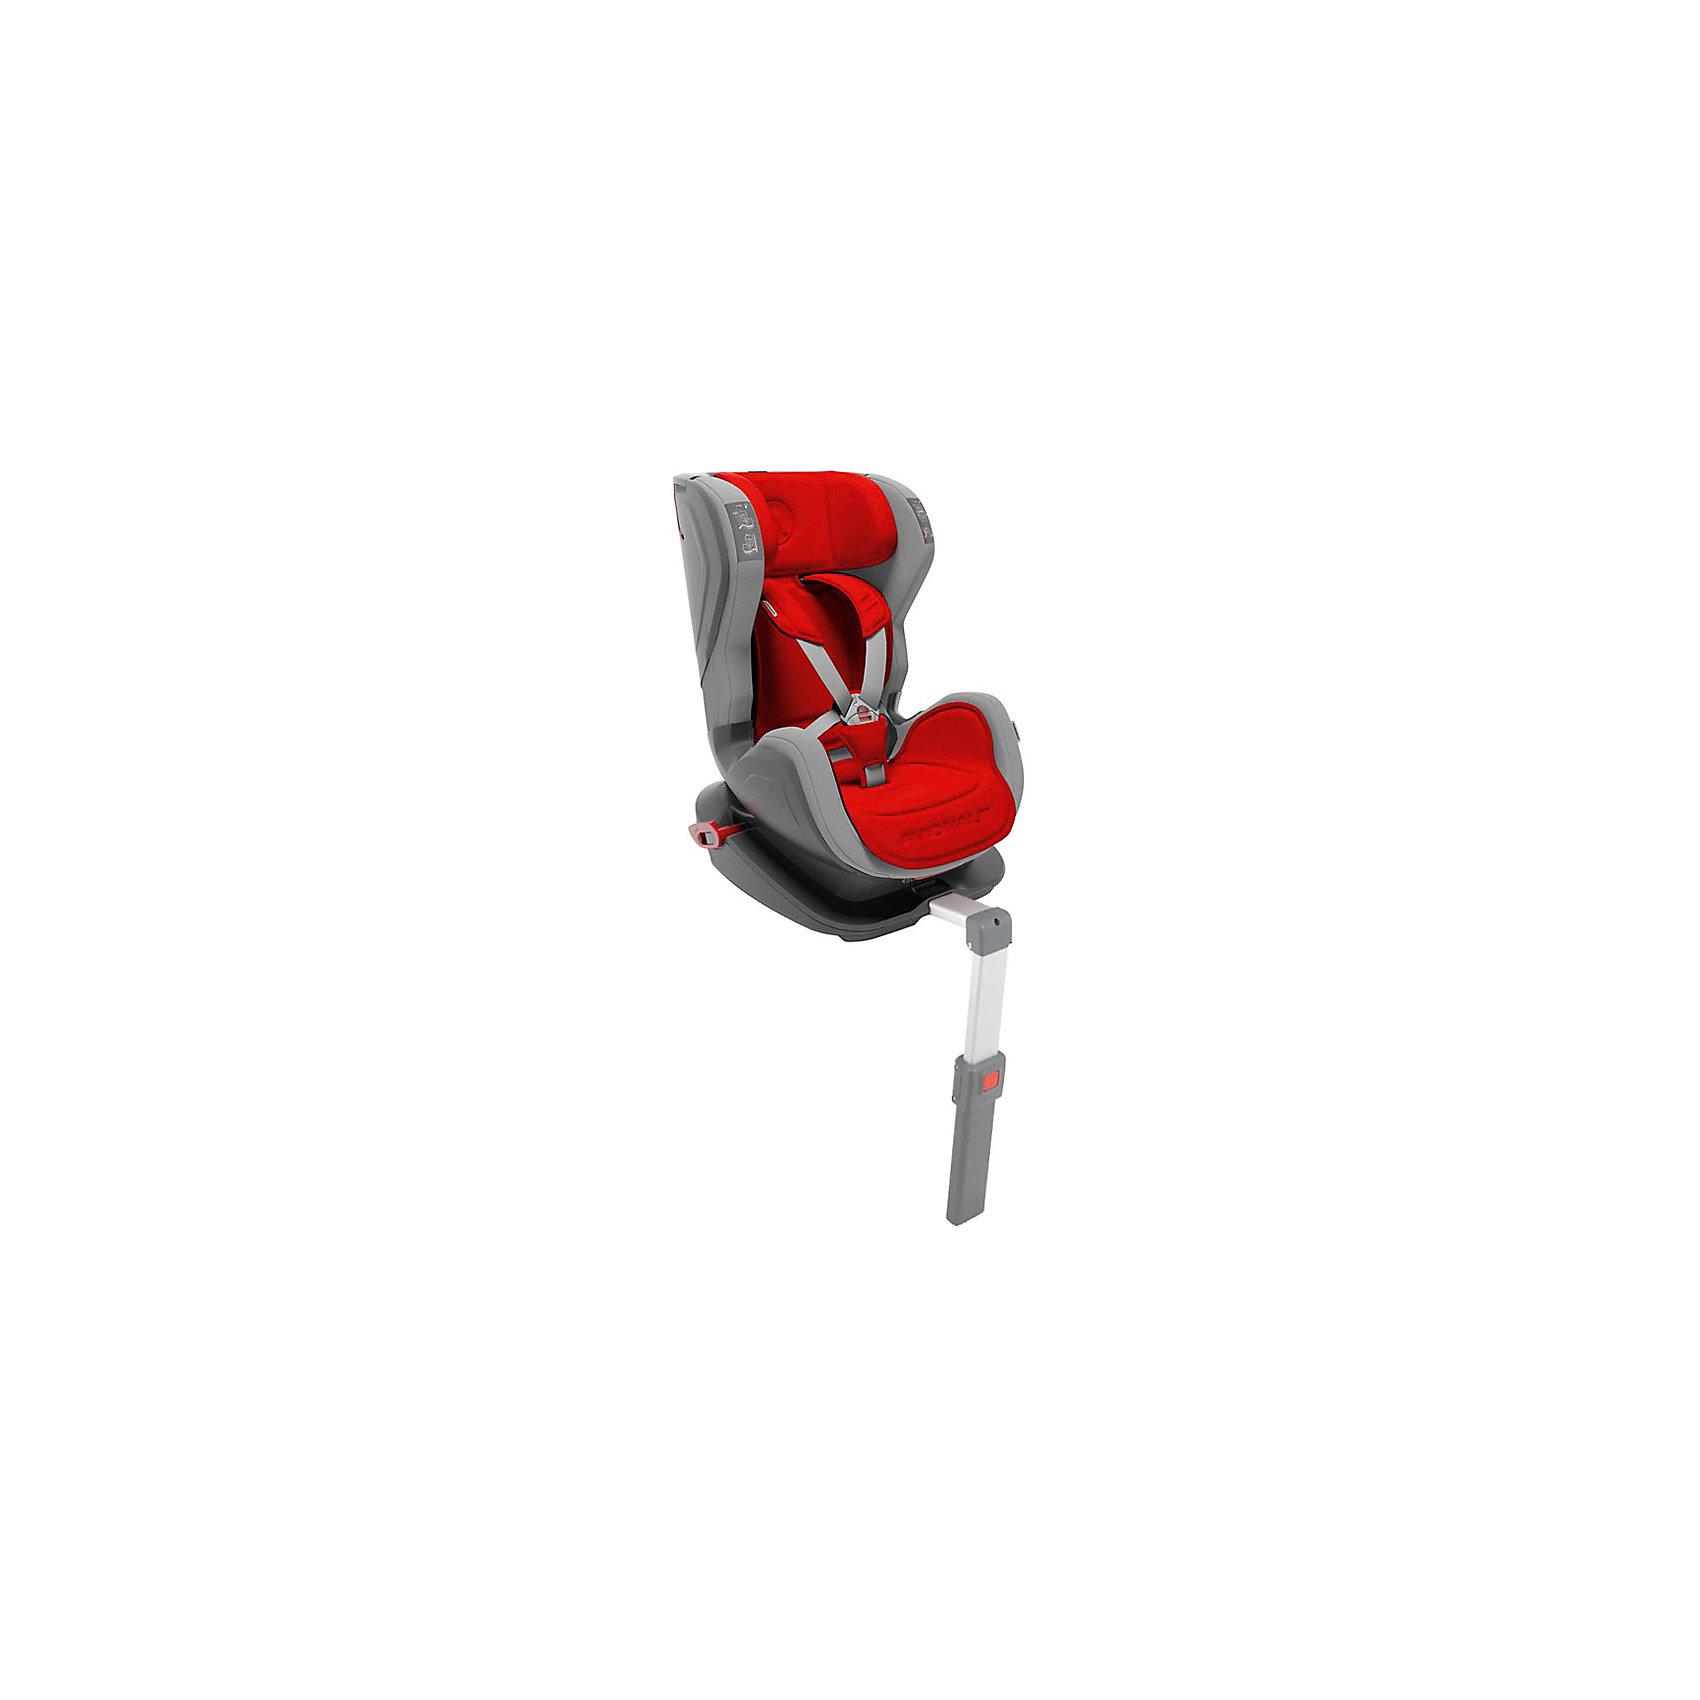 Автокресло Avionaut GLIDER isofix 9-25 кг, красный/серый